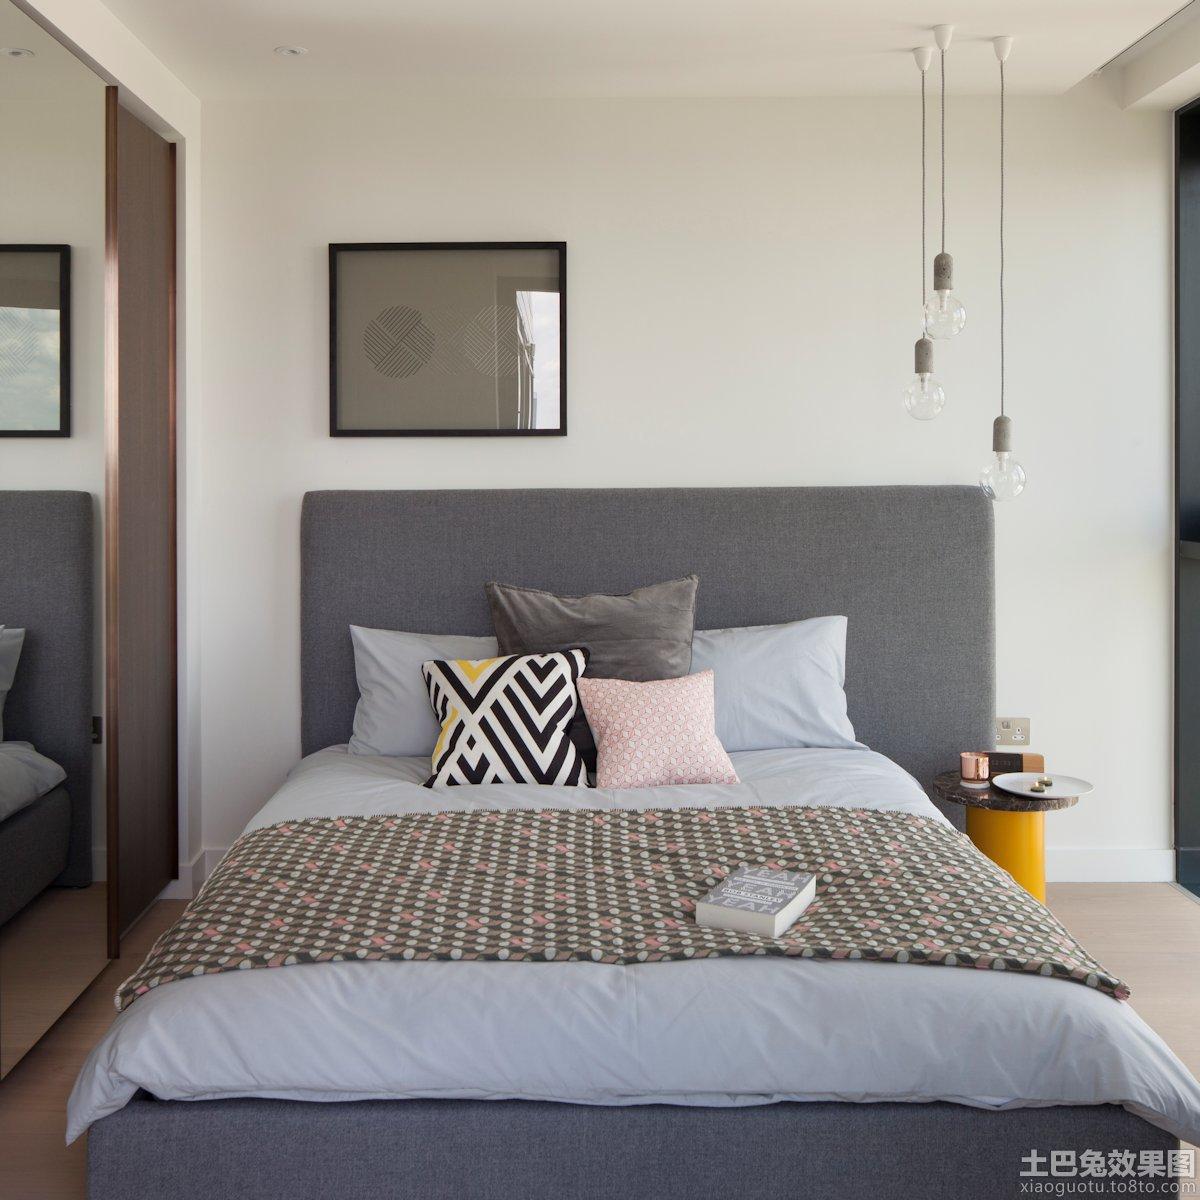 北欧风格卧室图片欣赏 - 装修效果图 - 九正家居网图片